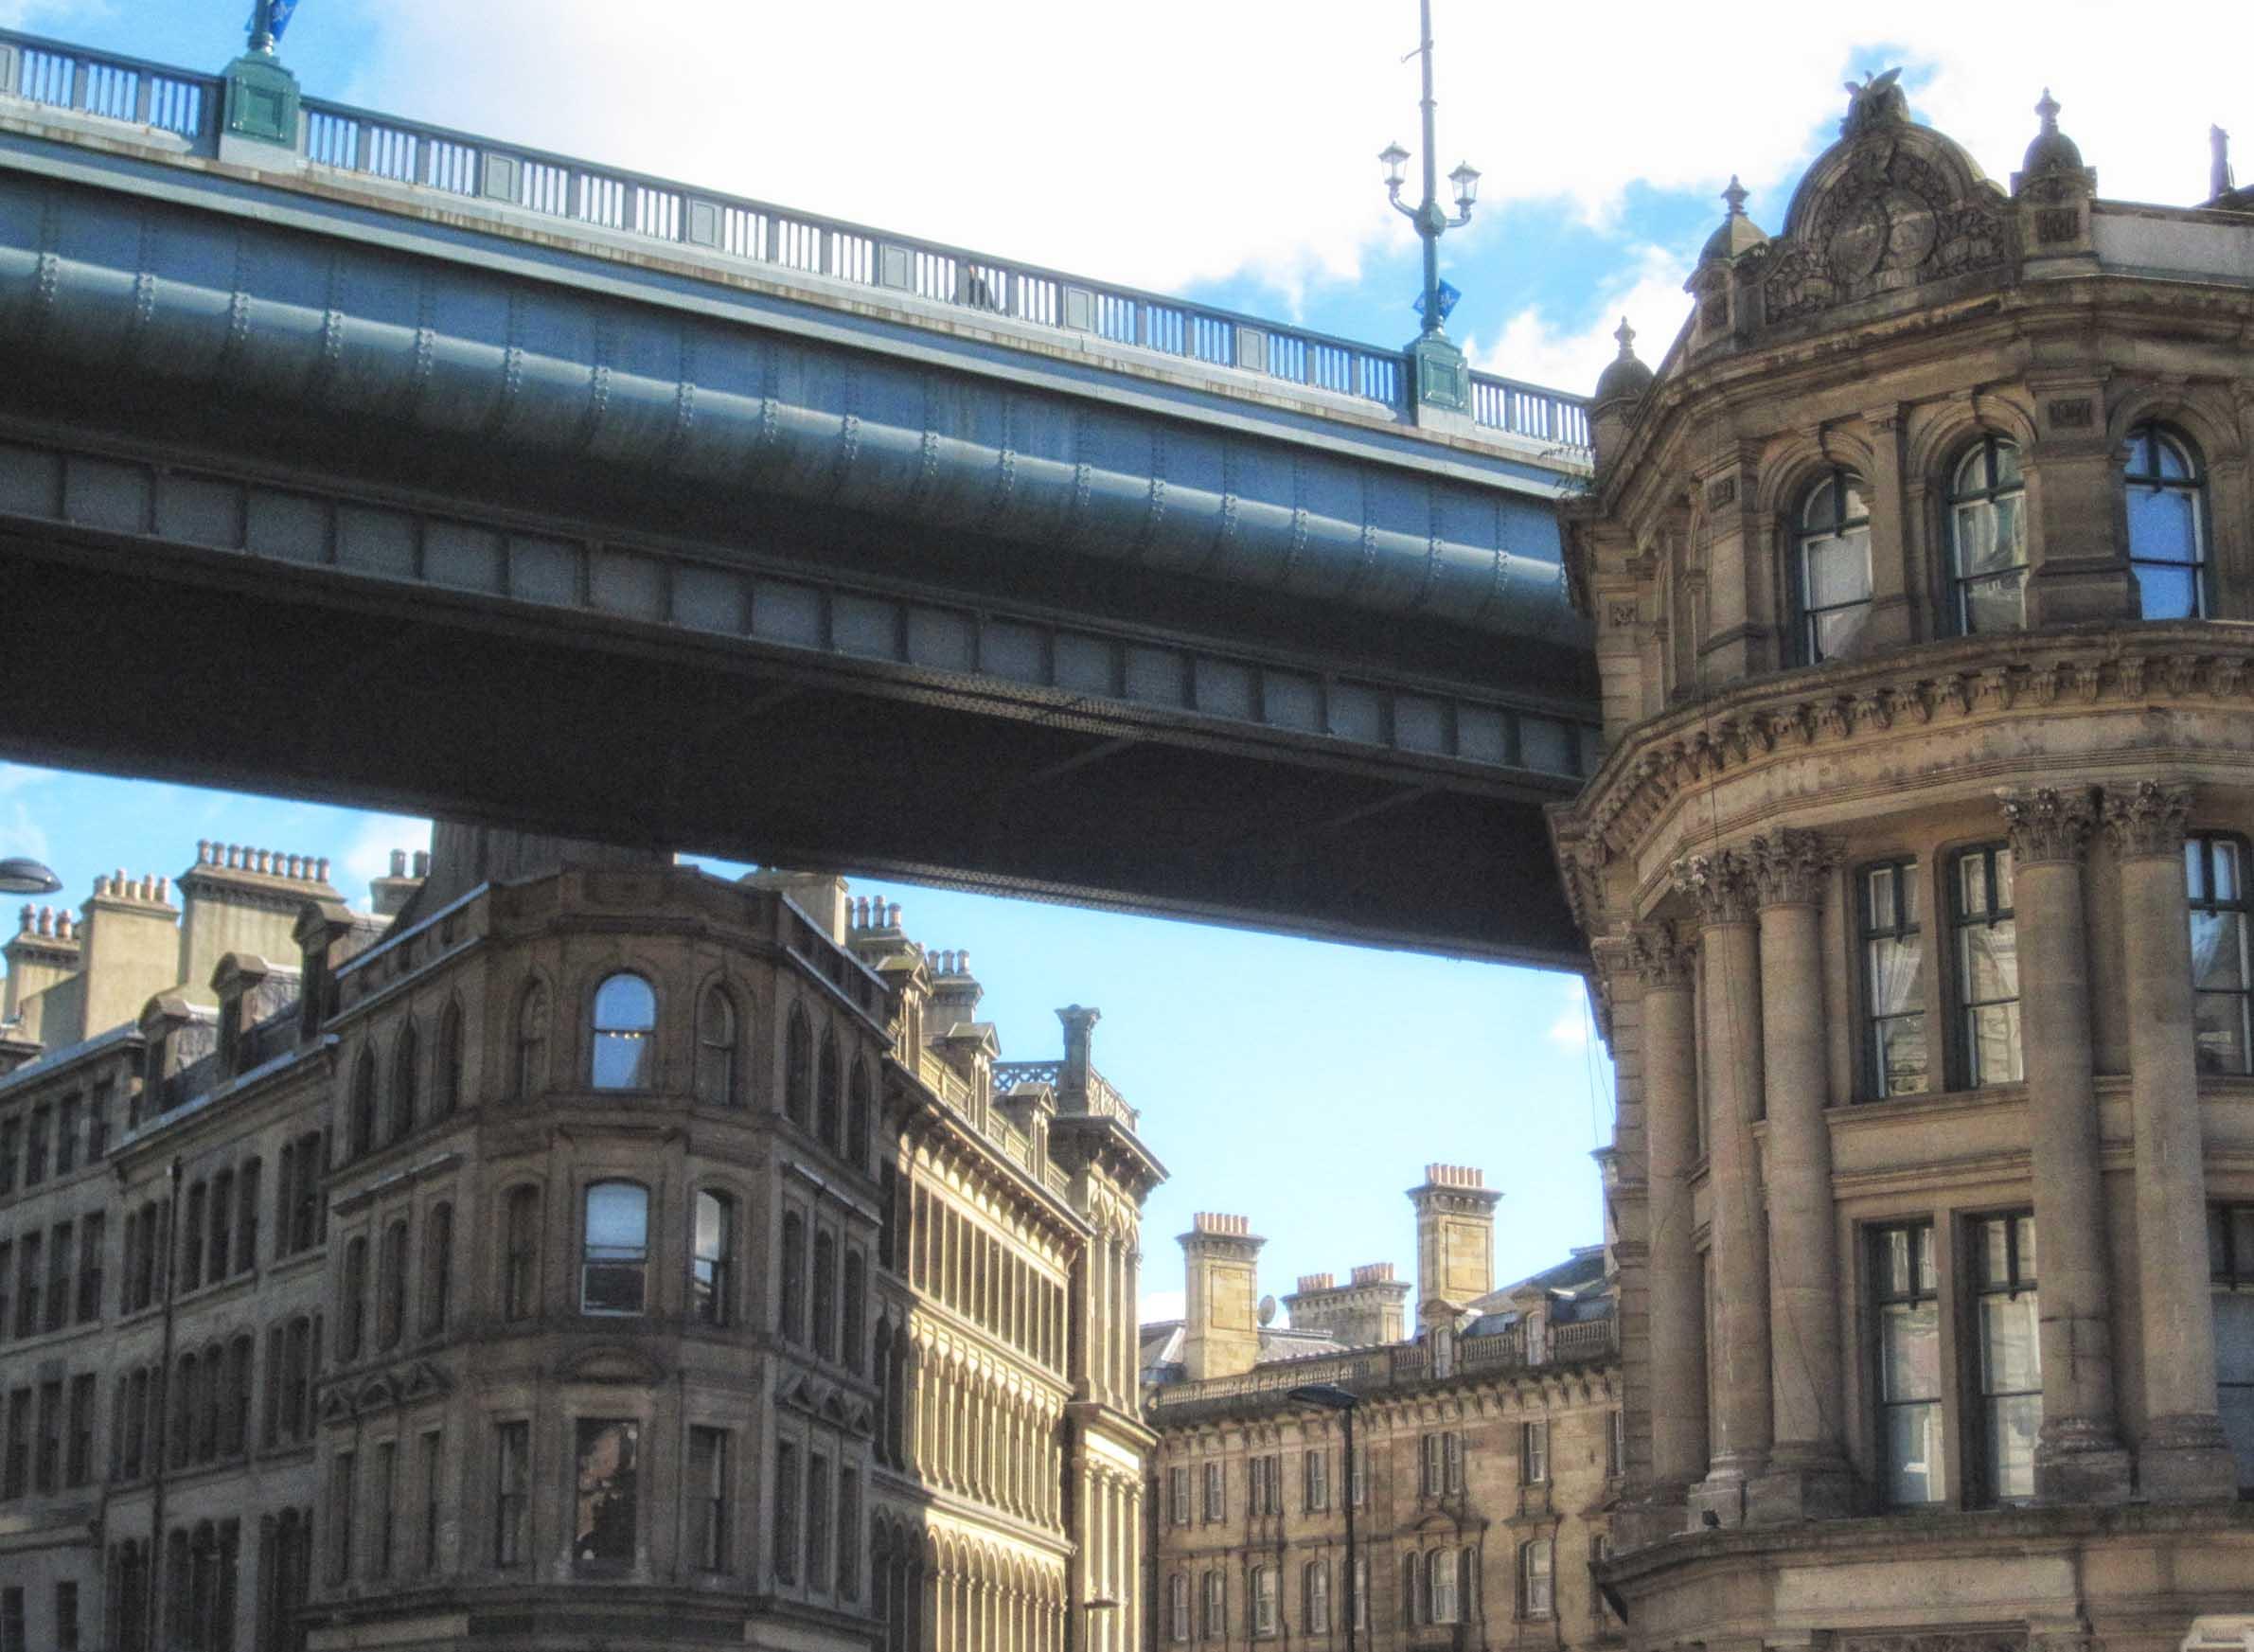 Bridge high up between old stone buildings